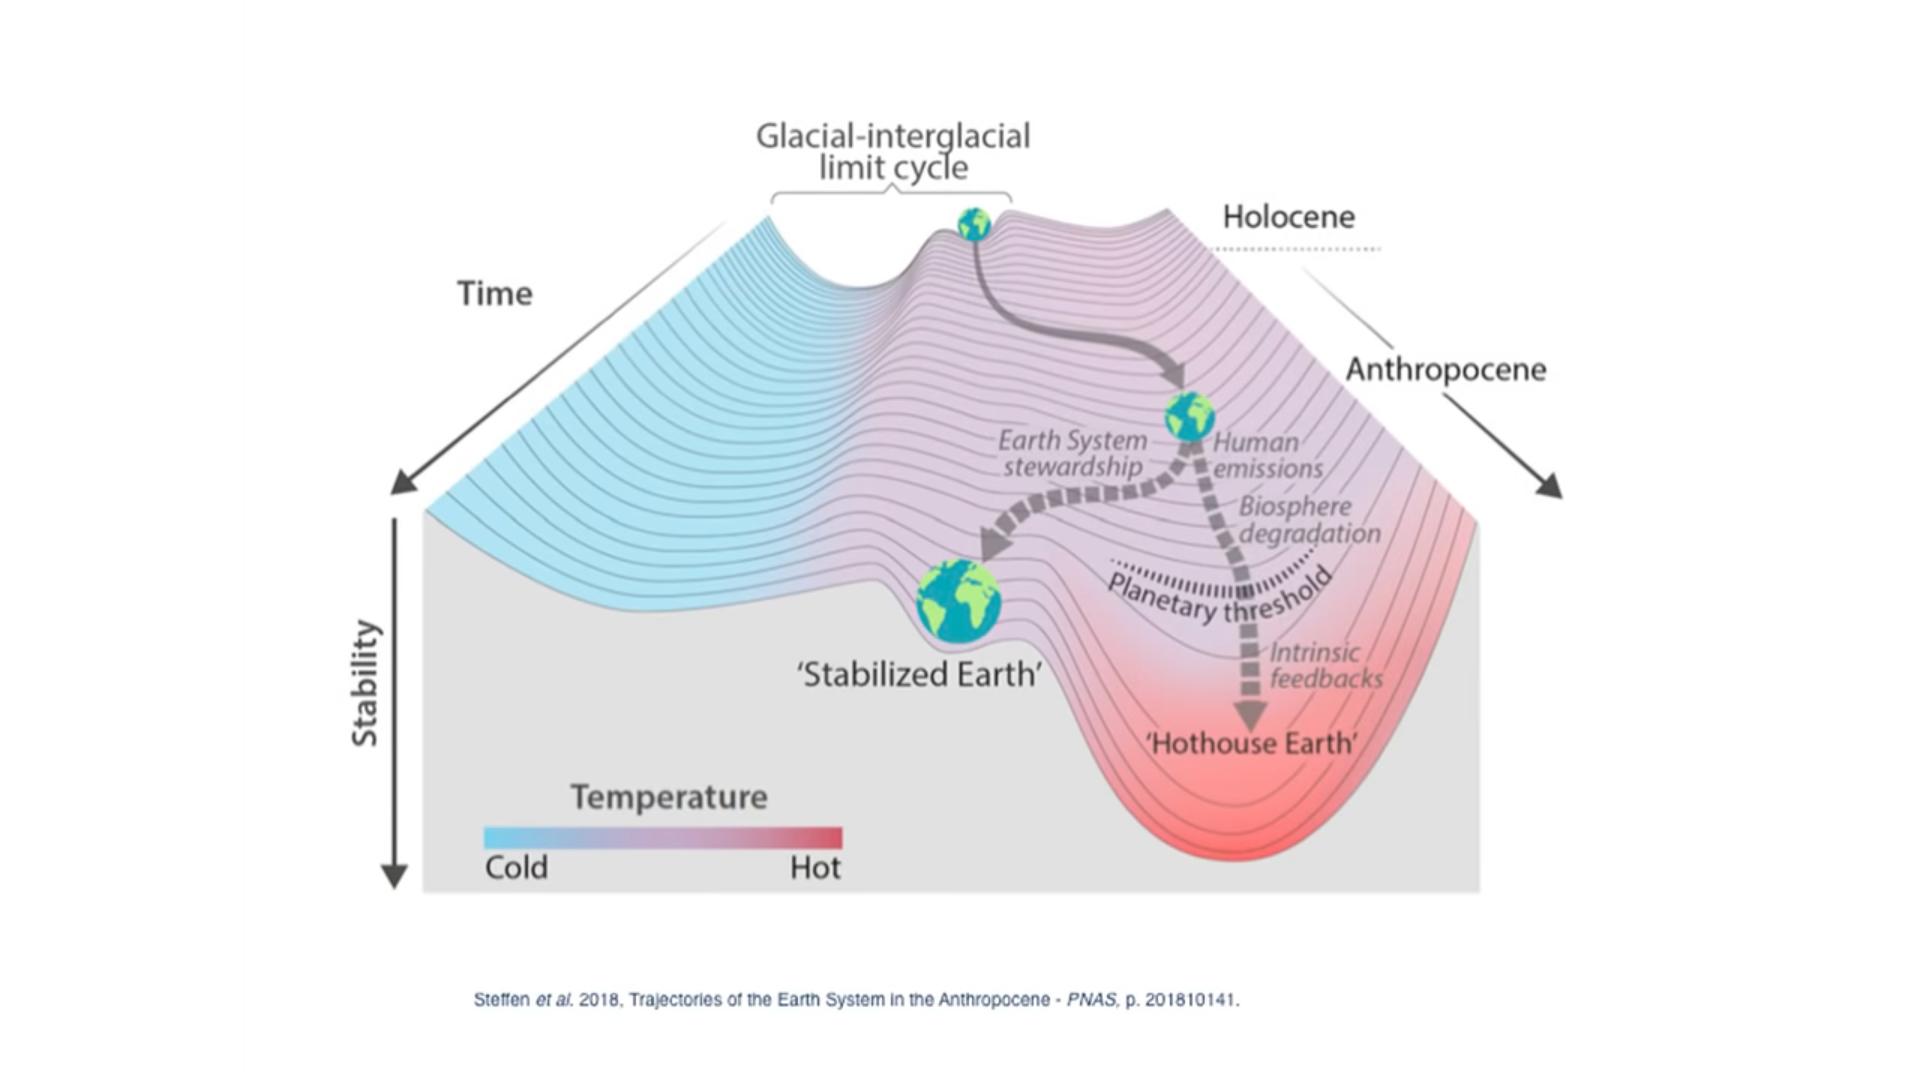 Graphique représentant l'etude de la trajectoire climatique de terre - Source : National Academy of Sciences Aug 2018